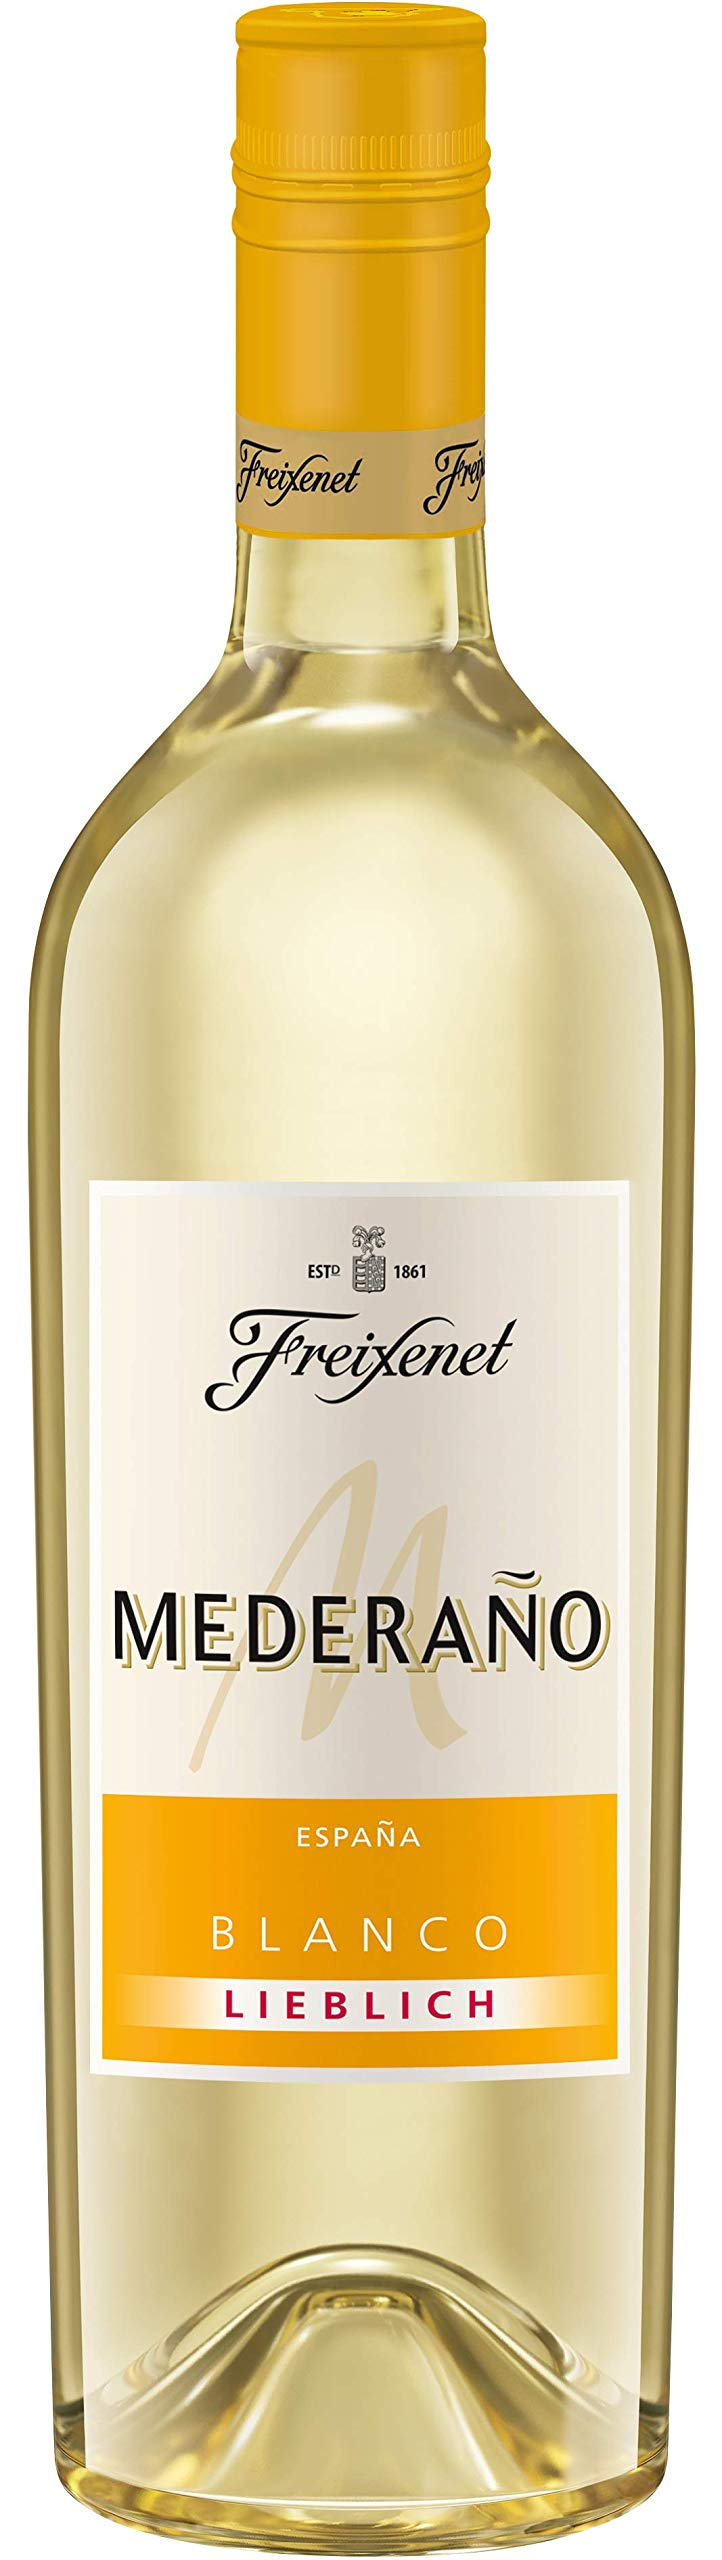 Mederao-Blanco-lieblich-Wein-075-l-6-x-075l-l-Cuve-l-lieblich-l-blumige-Noten-nach-Orangenblten-l-spritzig-frischer-Weiwein